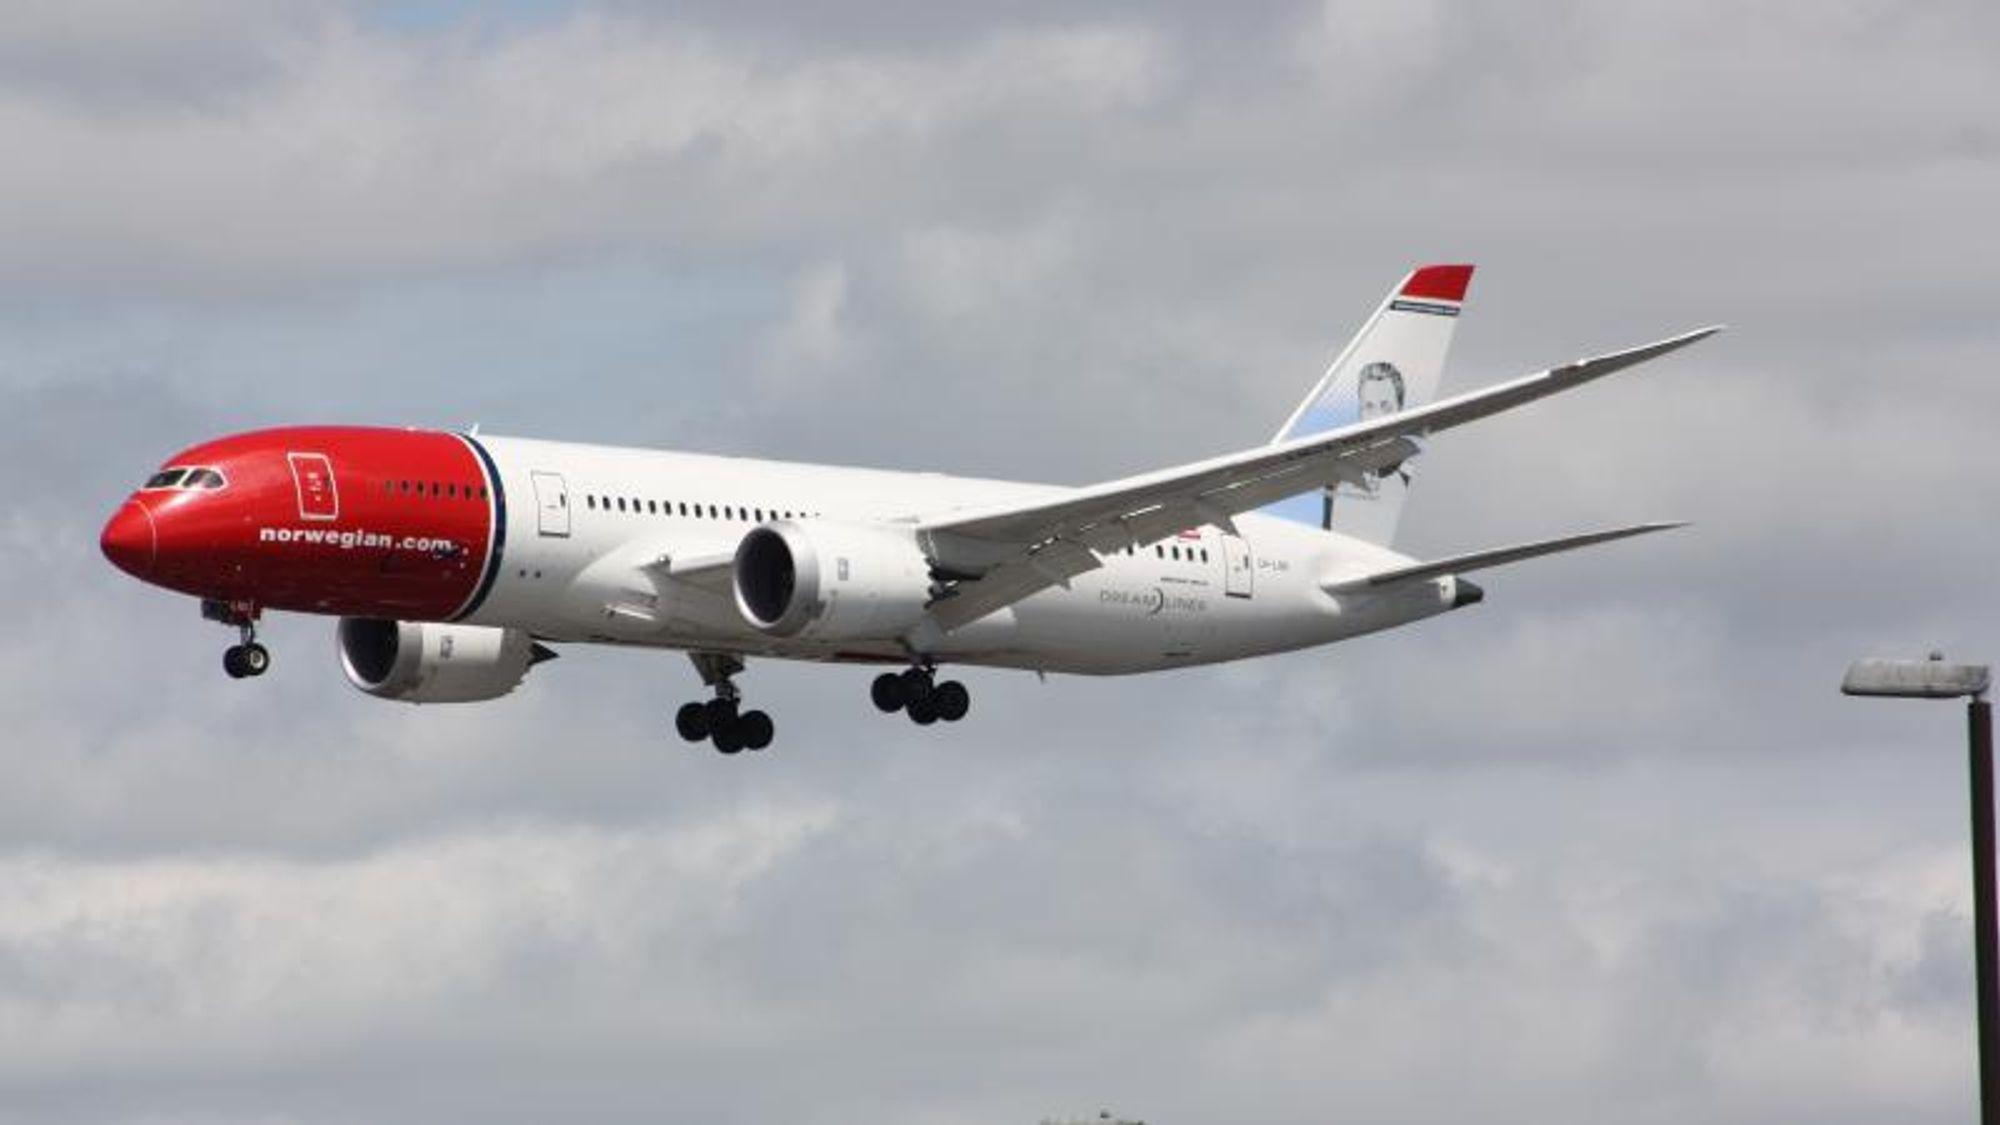 Norwegians Boeing 787-8 LN-LND, som mistet motordeler over en forstad ved Roma, fotografert i 2015.